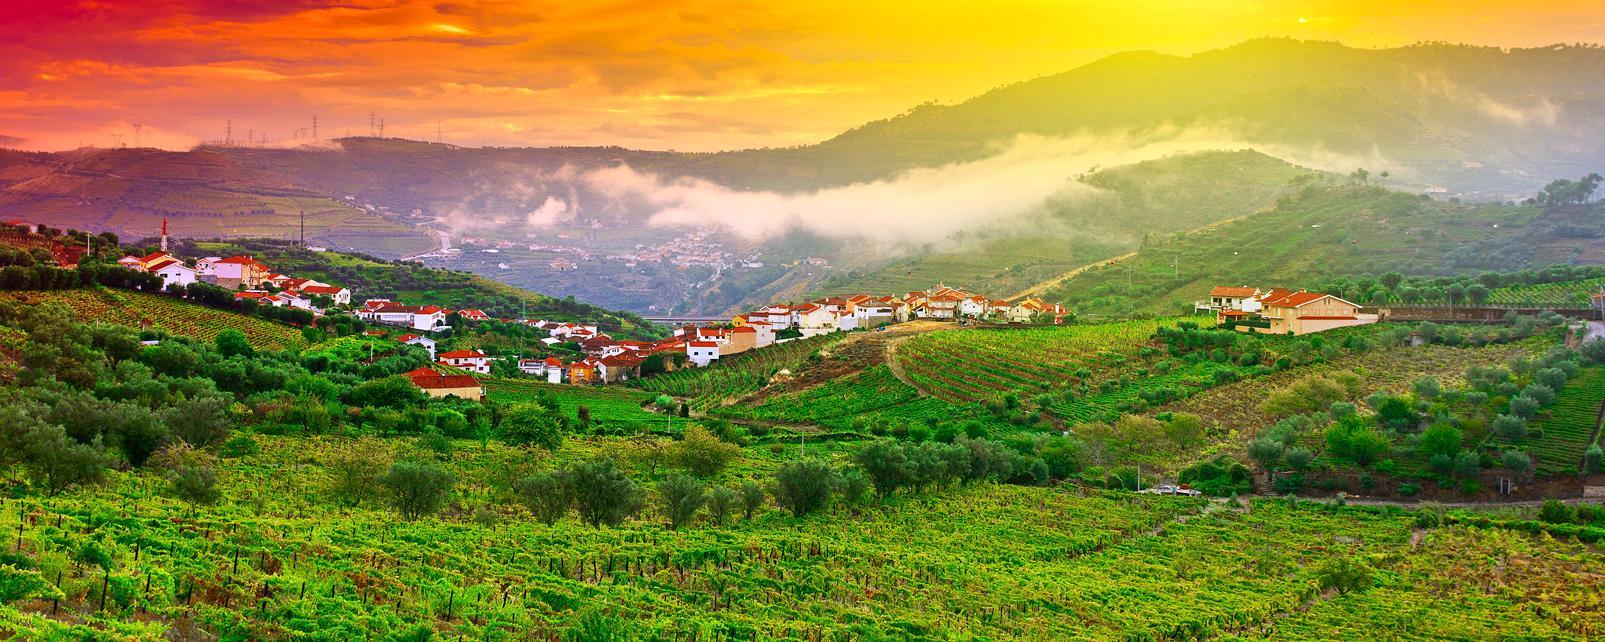 Portugal_kamaress